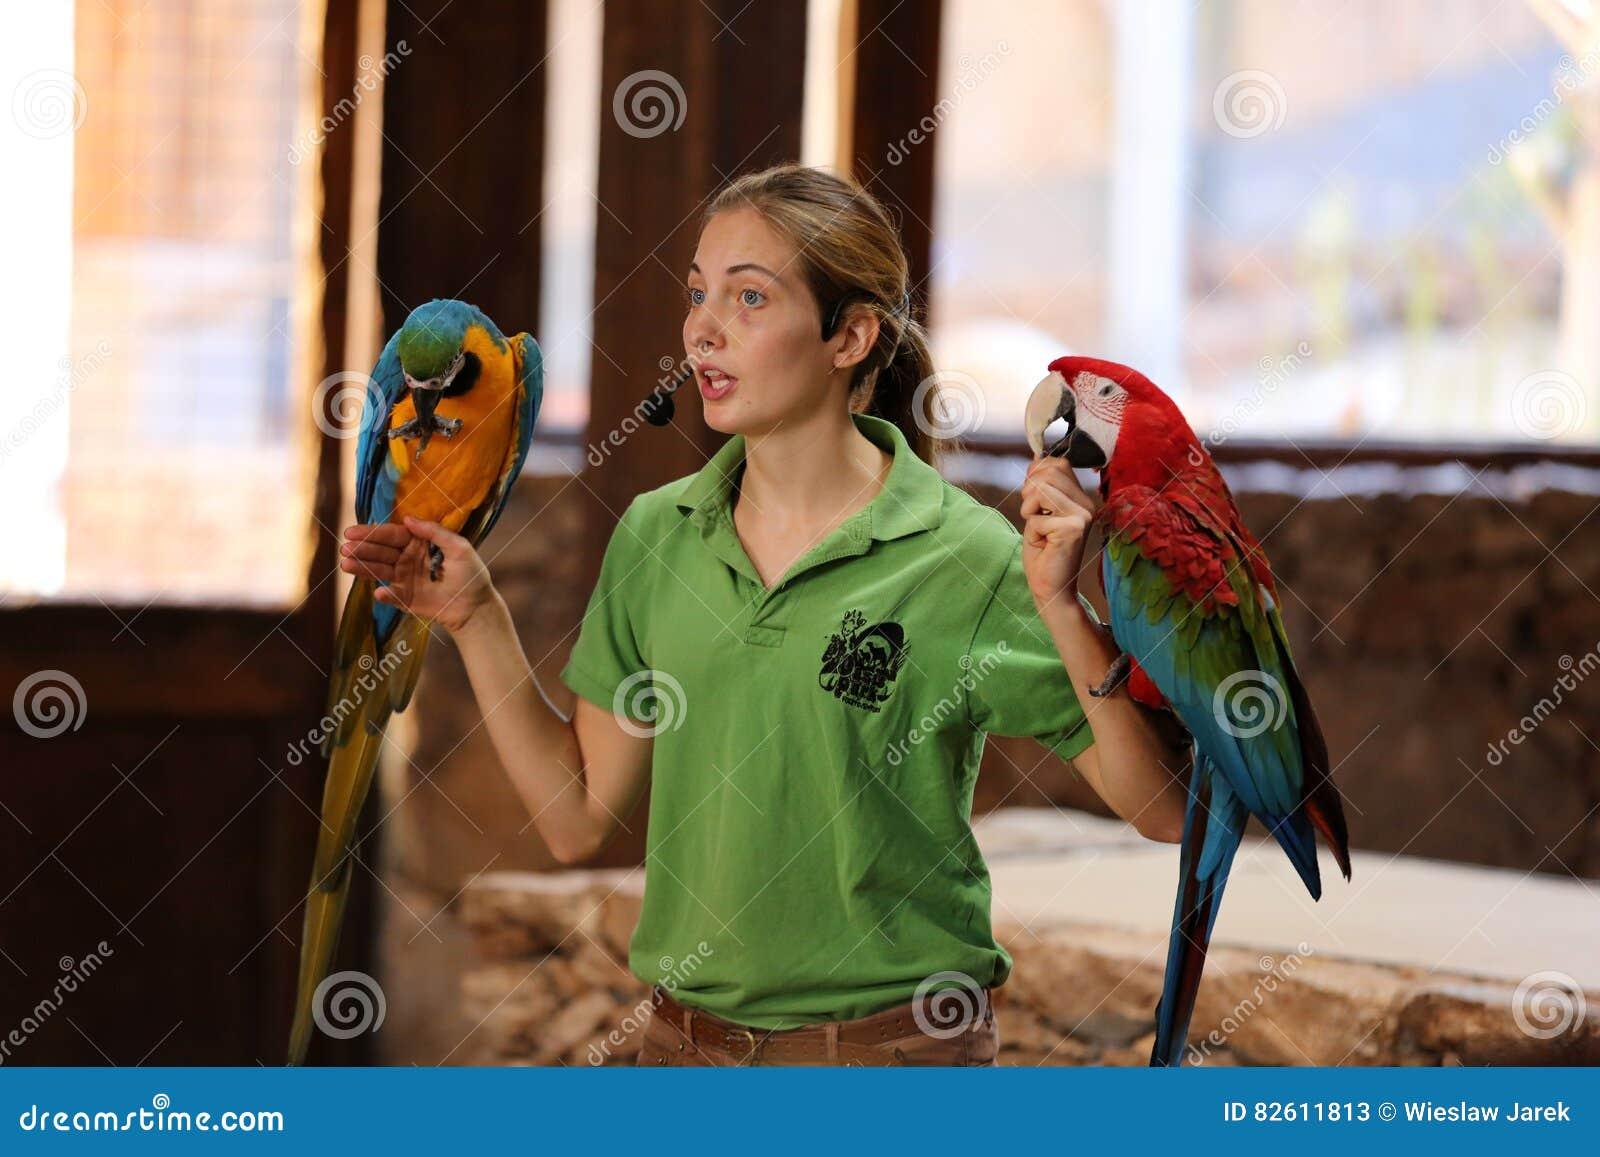 Oasis Park - Parrots Live Show. Women Holding The Big Parrot ... 69c7c873d1